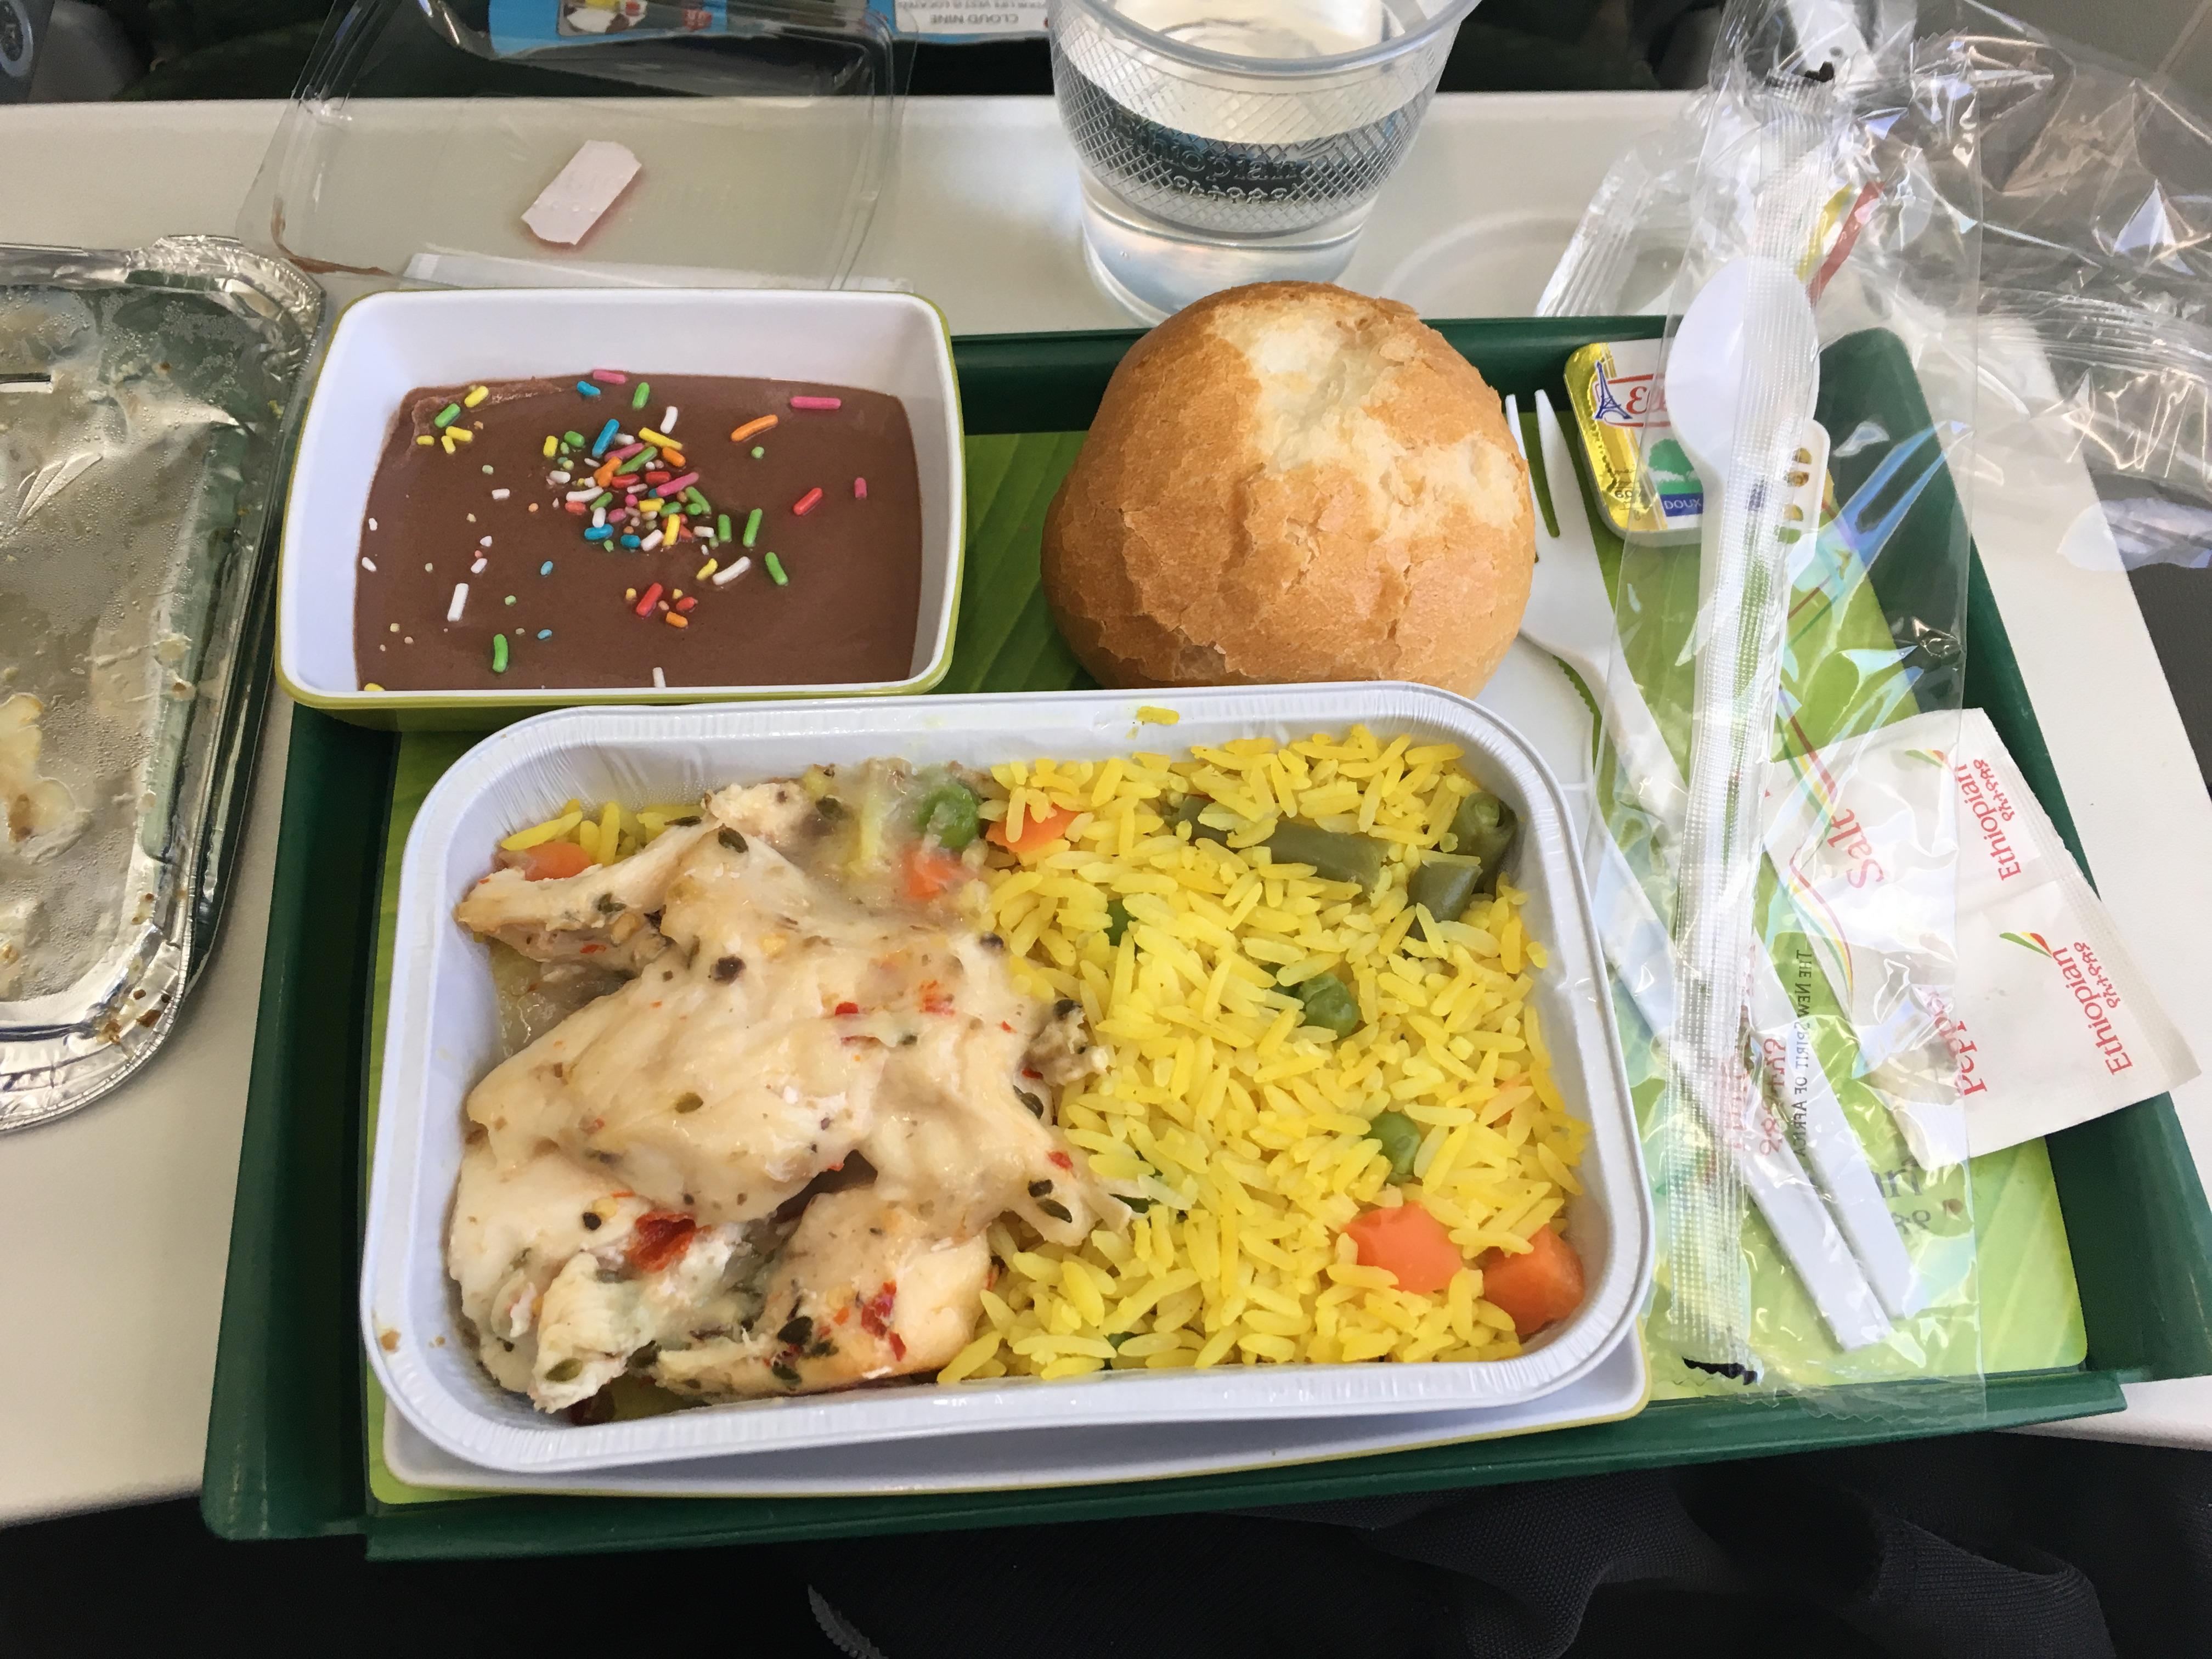 http://foodloader.net/blub_2017-06-22_Reis_mit_H__hnchen__Br__tchen_und_Schokocreme_Ethiopian_Airlines.jpg